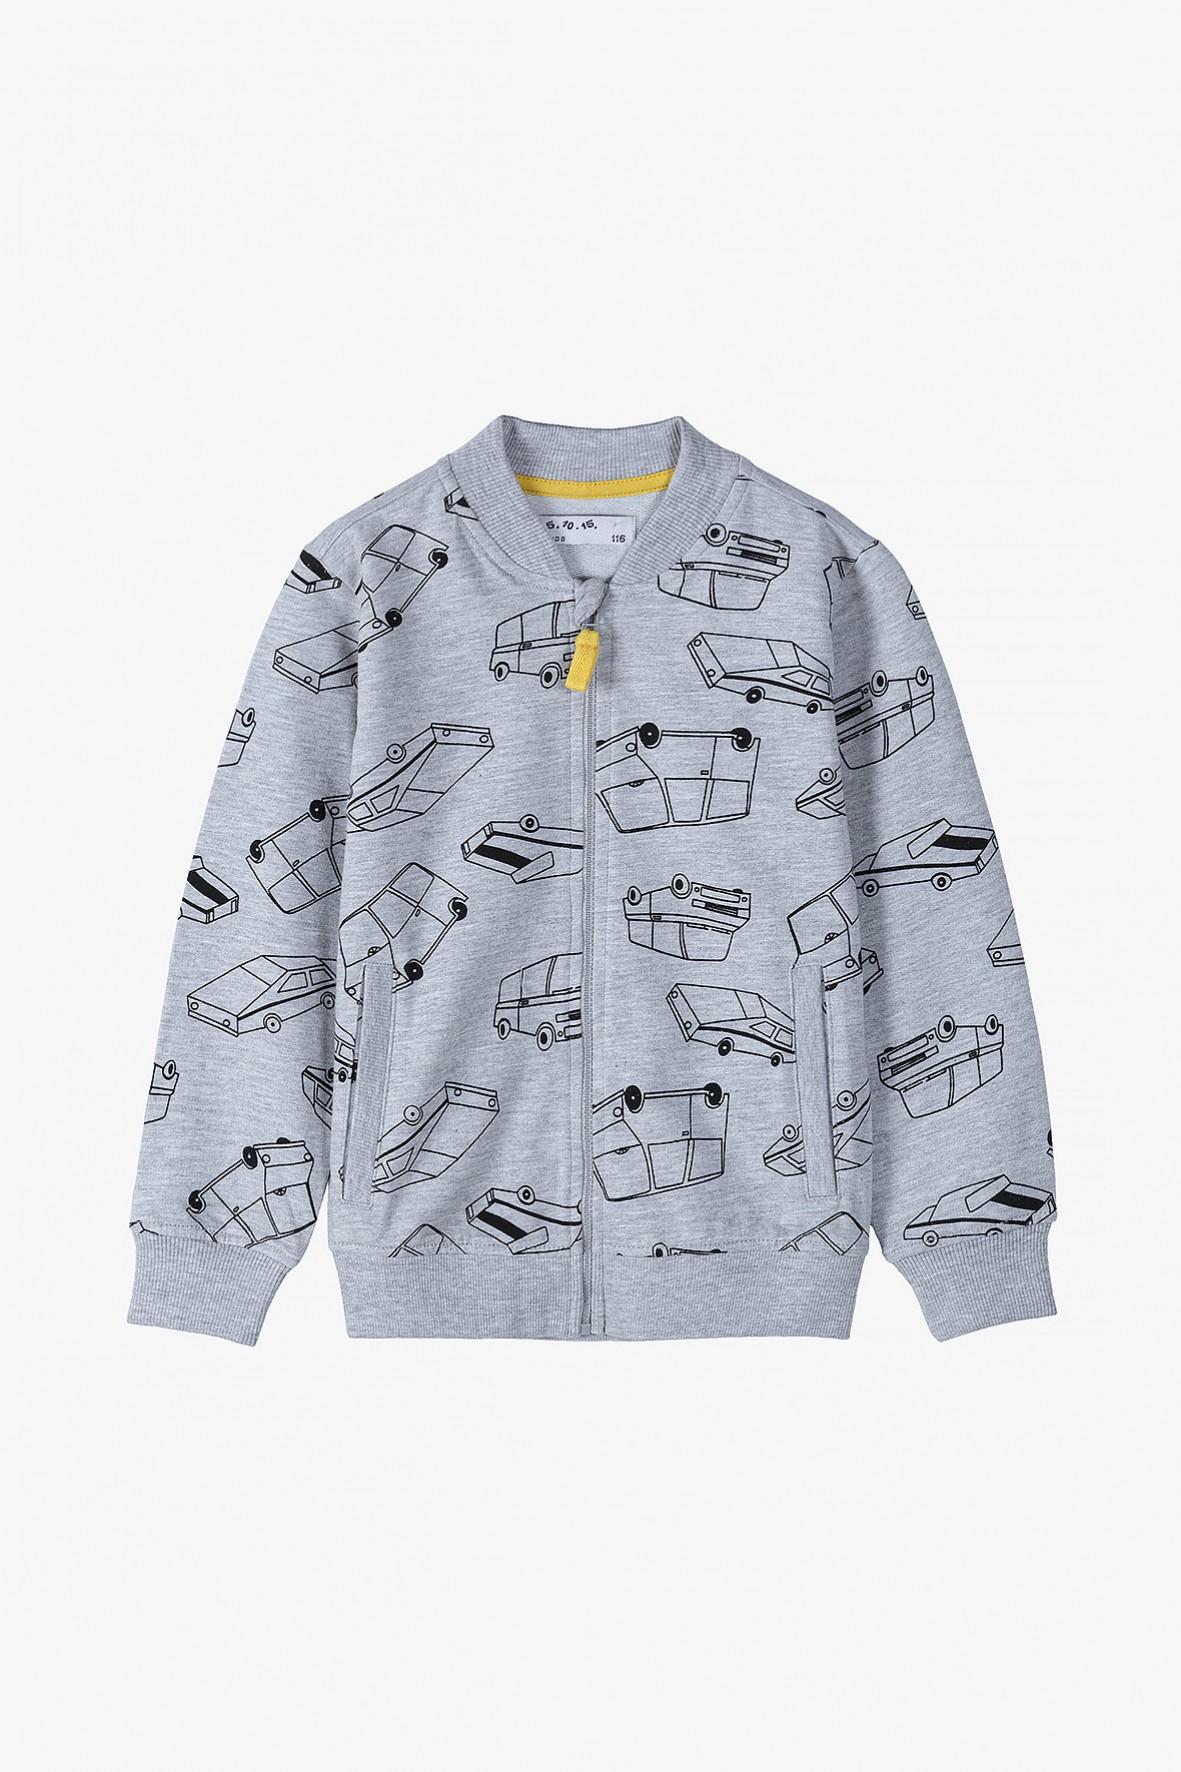 Bluza dresowa chłopięca szara z samochodzikami